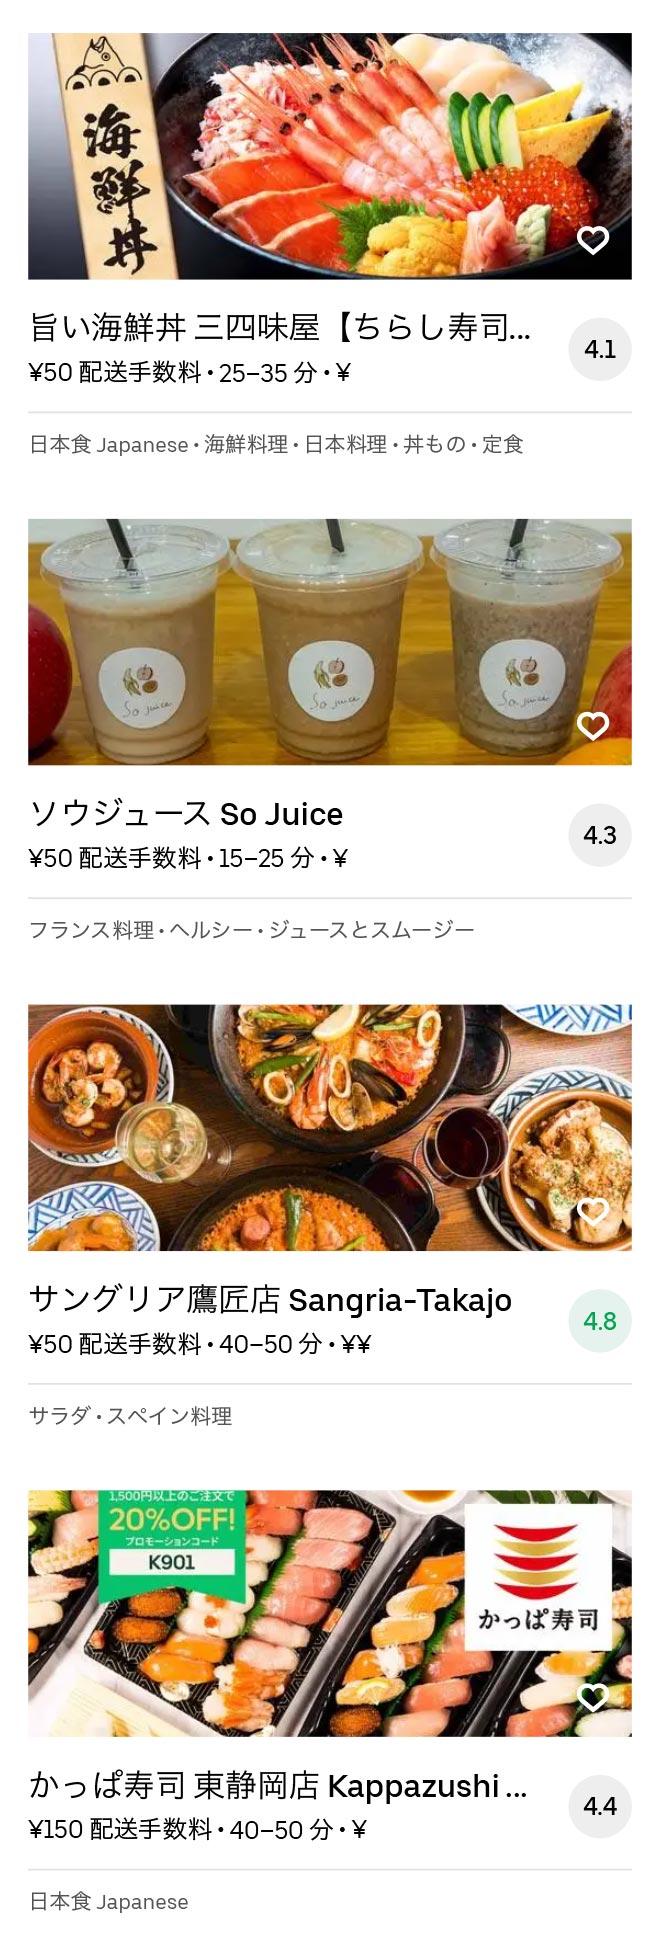 Shizuoka menu 2010 10